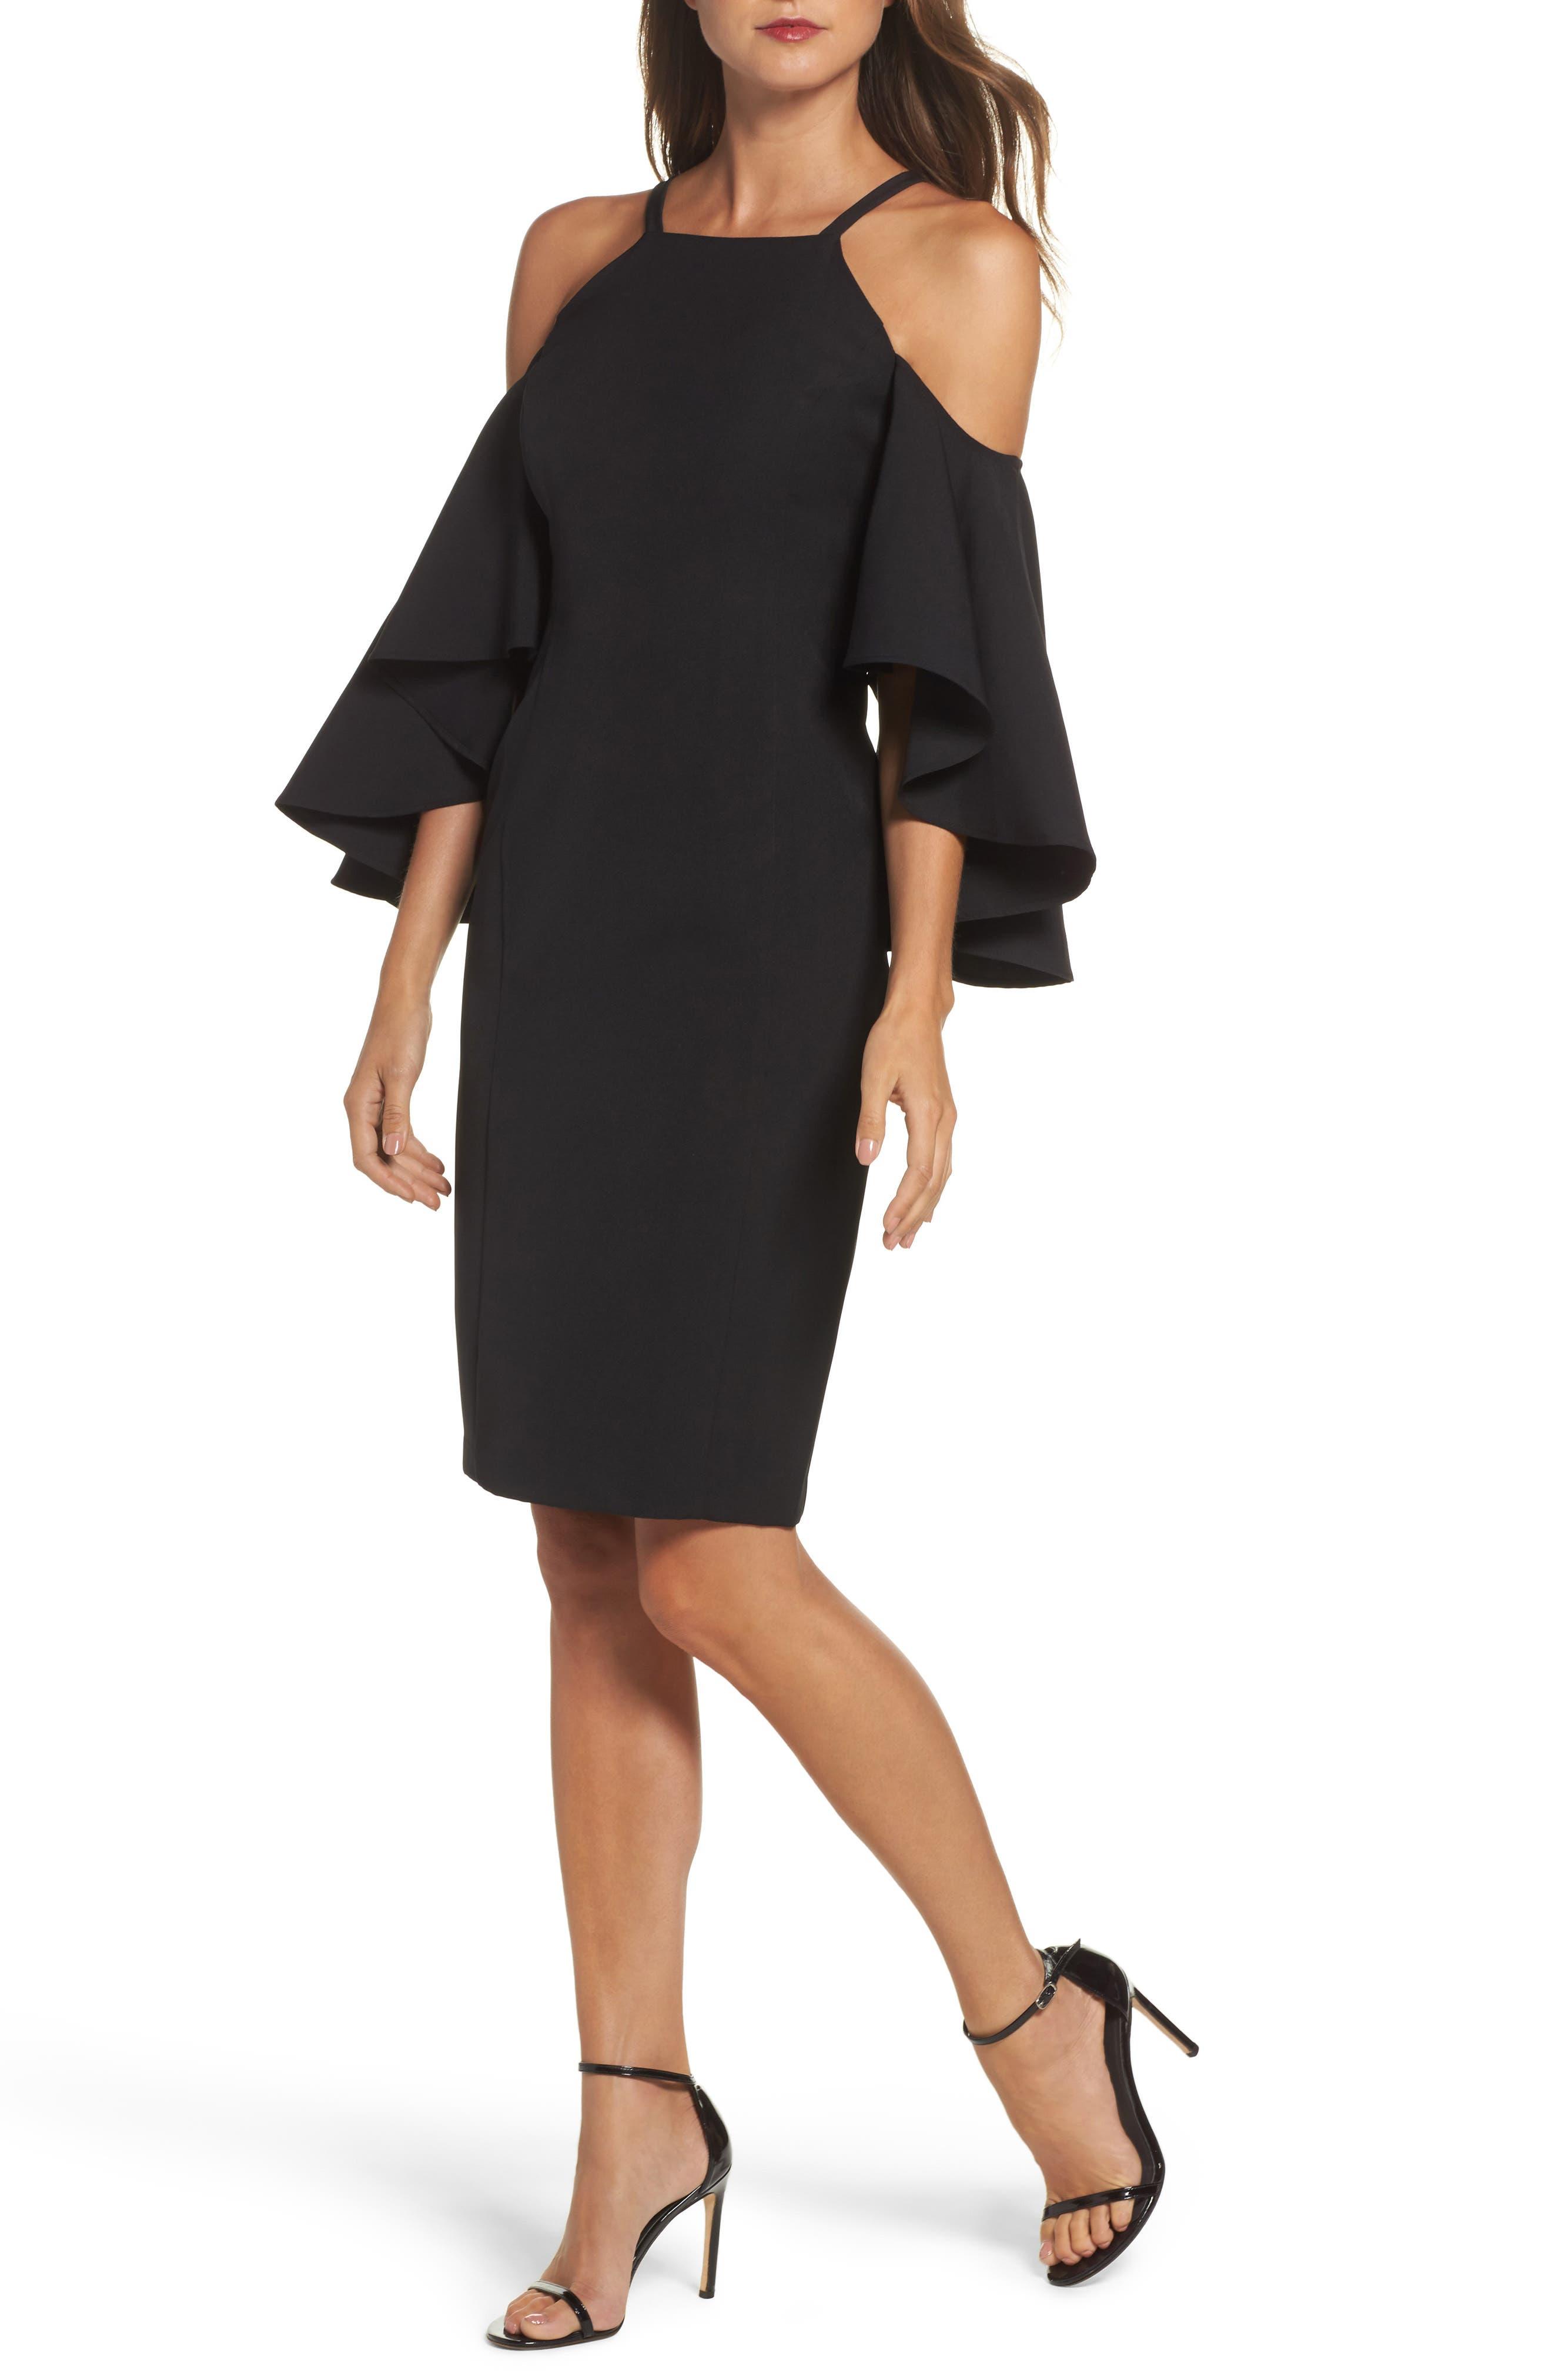 Alternate Image 1 Selected - Vince Camuto Laguna Cold Shoulder Sheath Dress